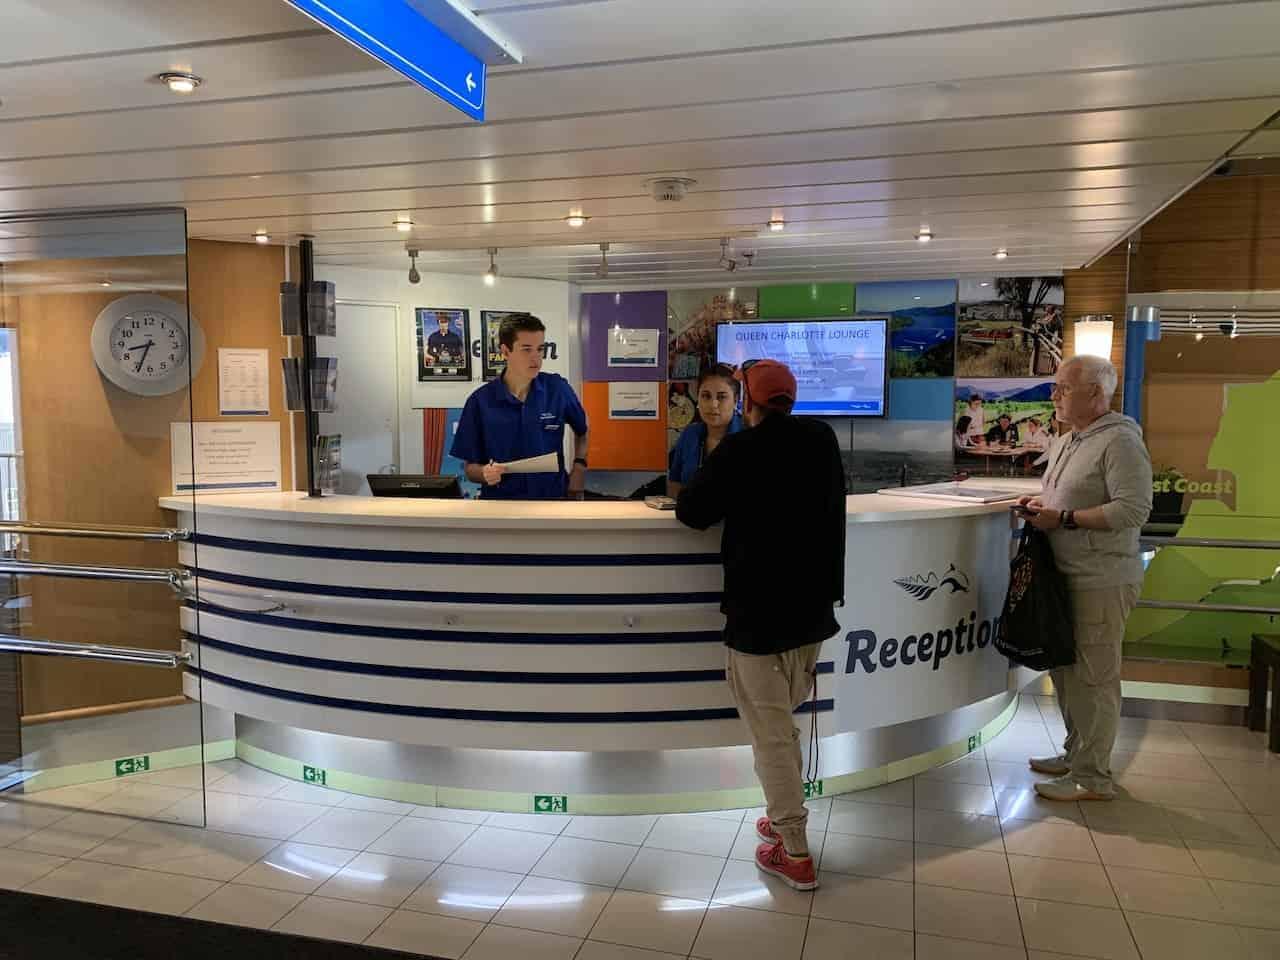 Reception Desk Interislander Ferry